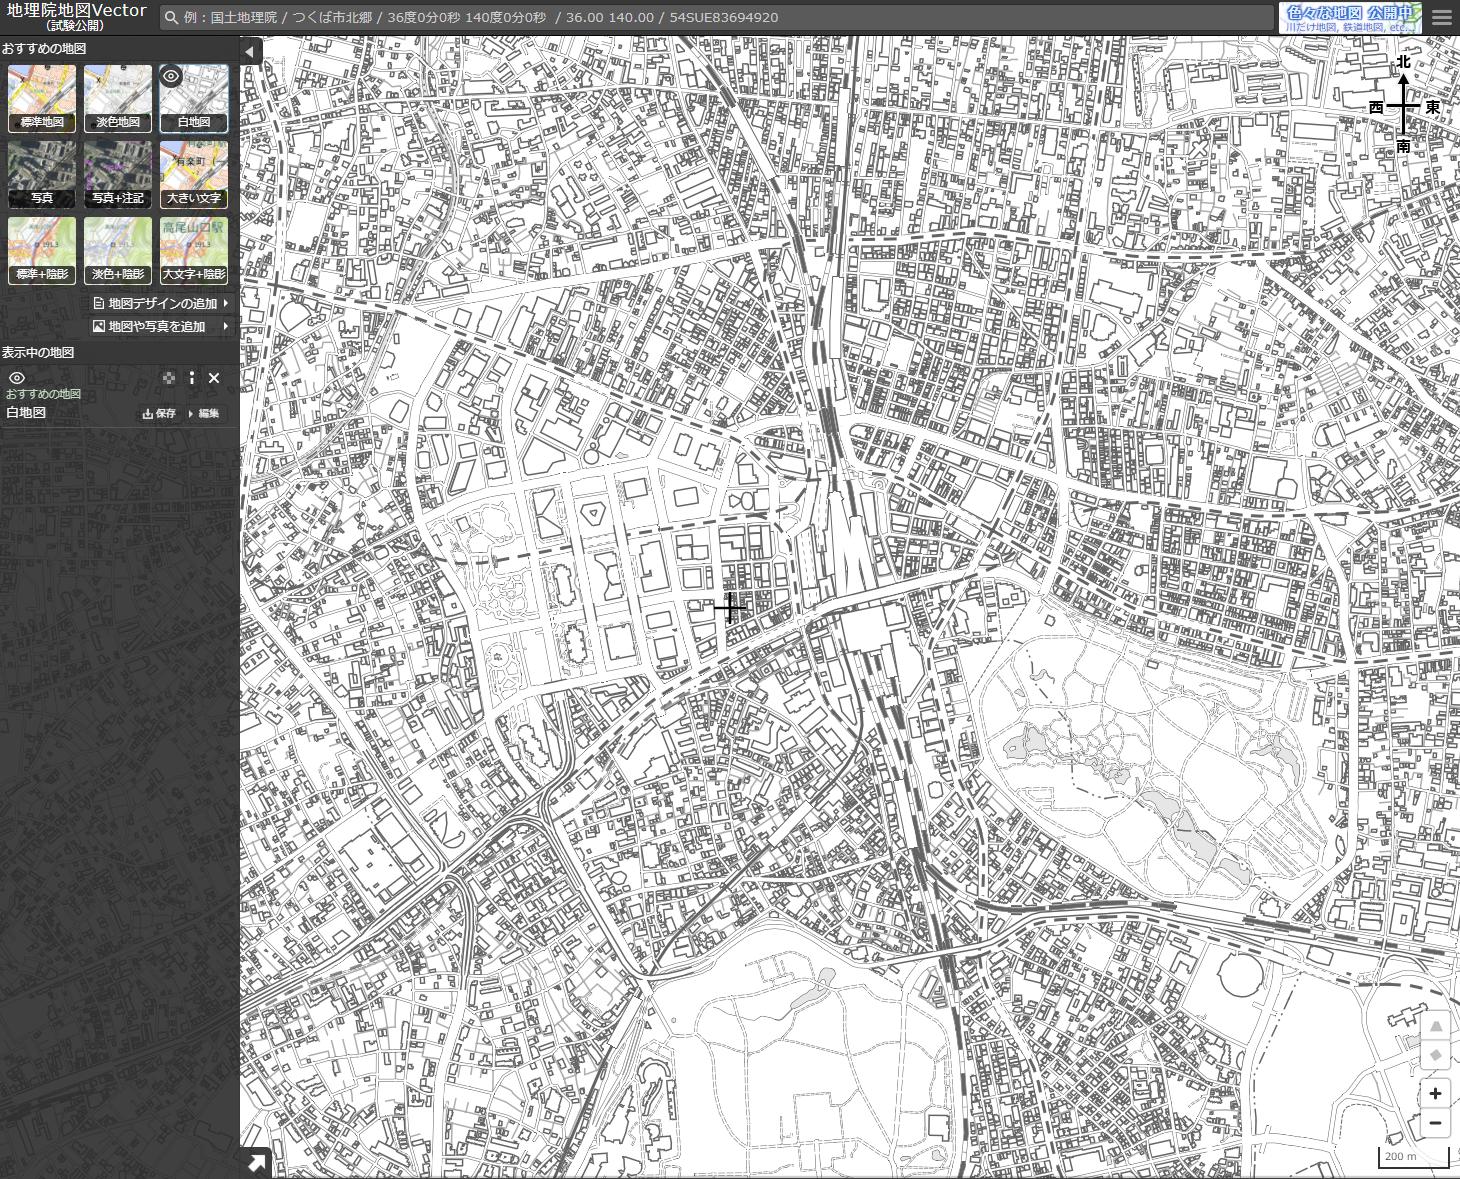 白地図夏休みの自由研究におすすめな国土地理院「地理院地図Vector」の白地図画面